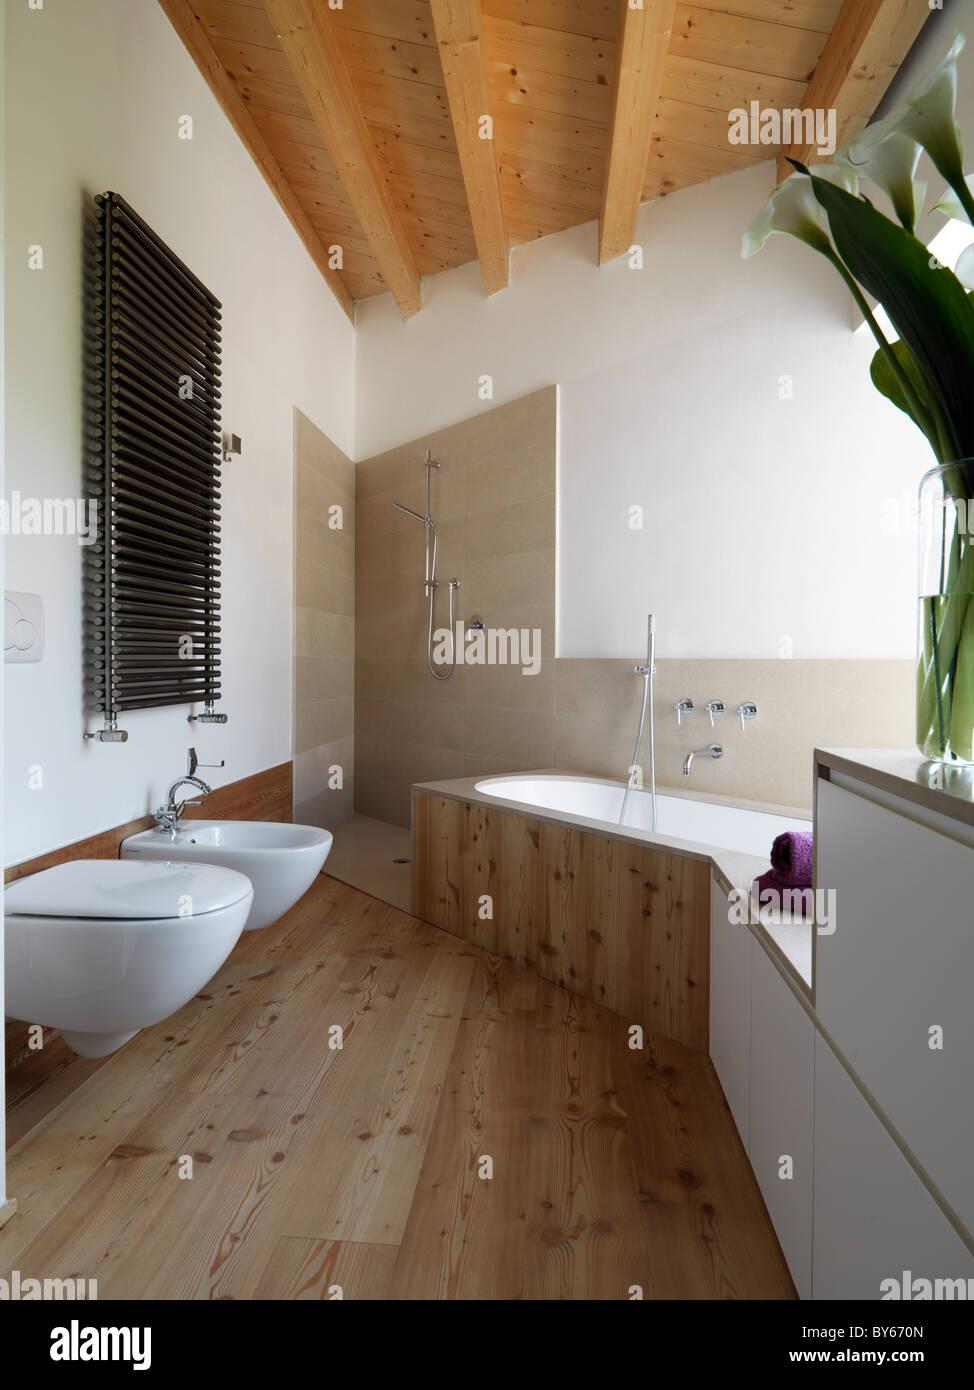 Bagno moderno con un pavimento in legno e vasca da bagno - Vasca bagno legno ...